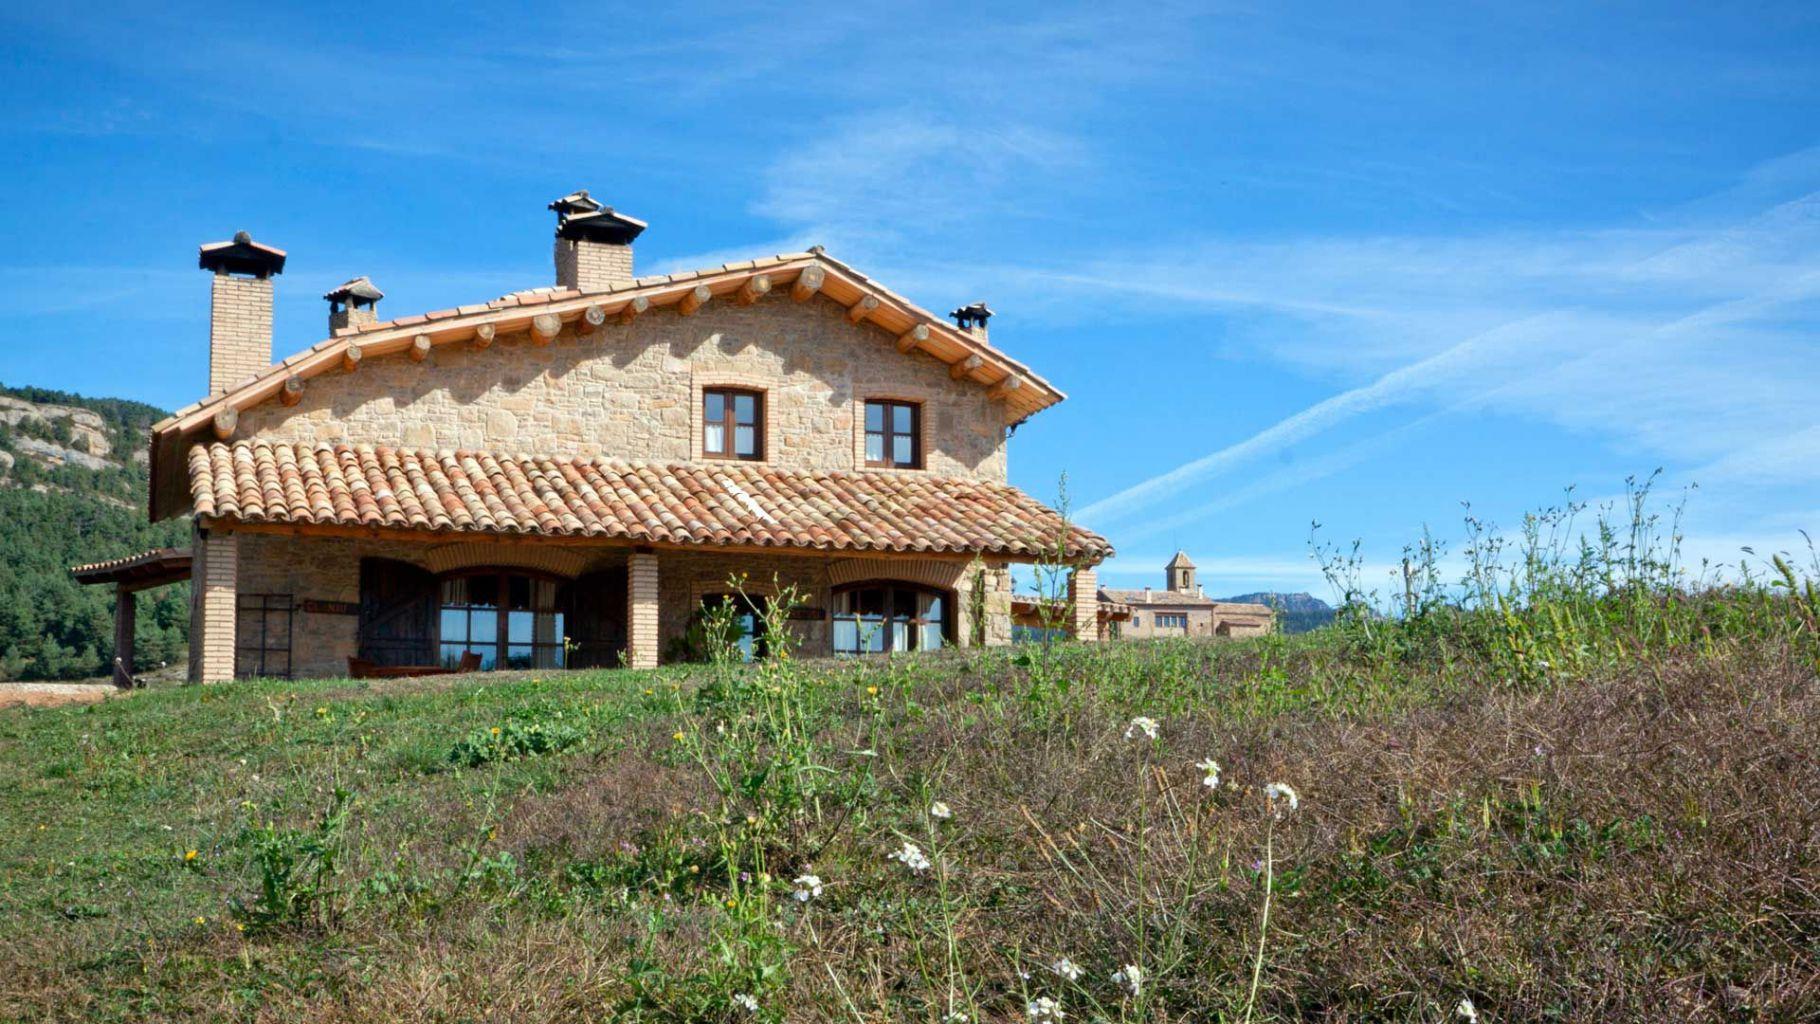 Casas rurales de lujo en espaa best esta with casas rurales de lujo en espaa casa rural - Casa rural lujo ...